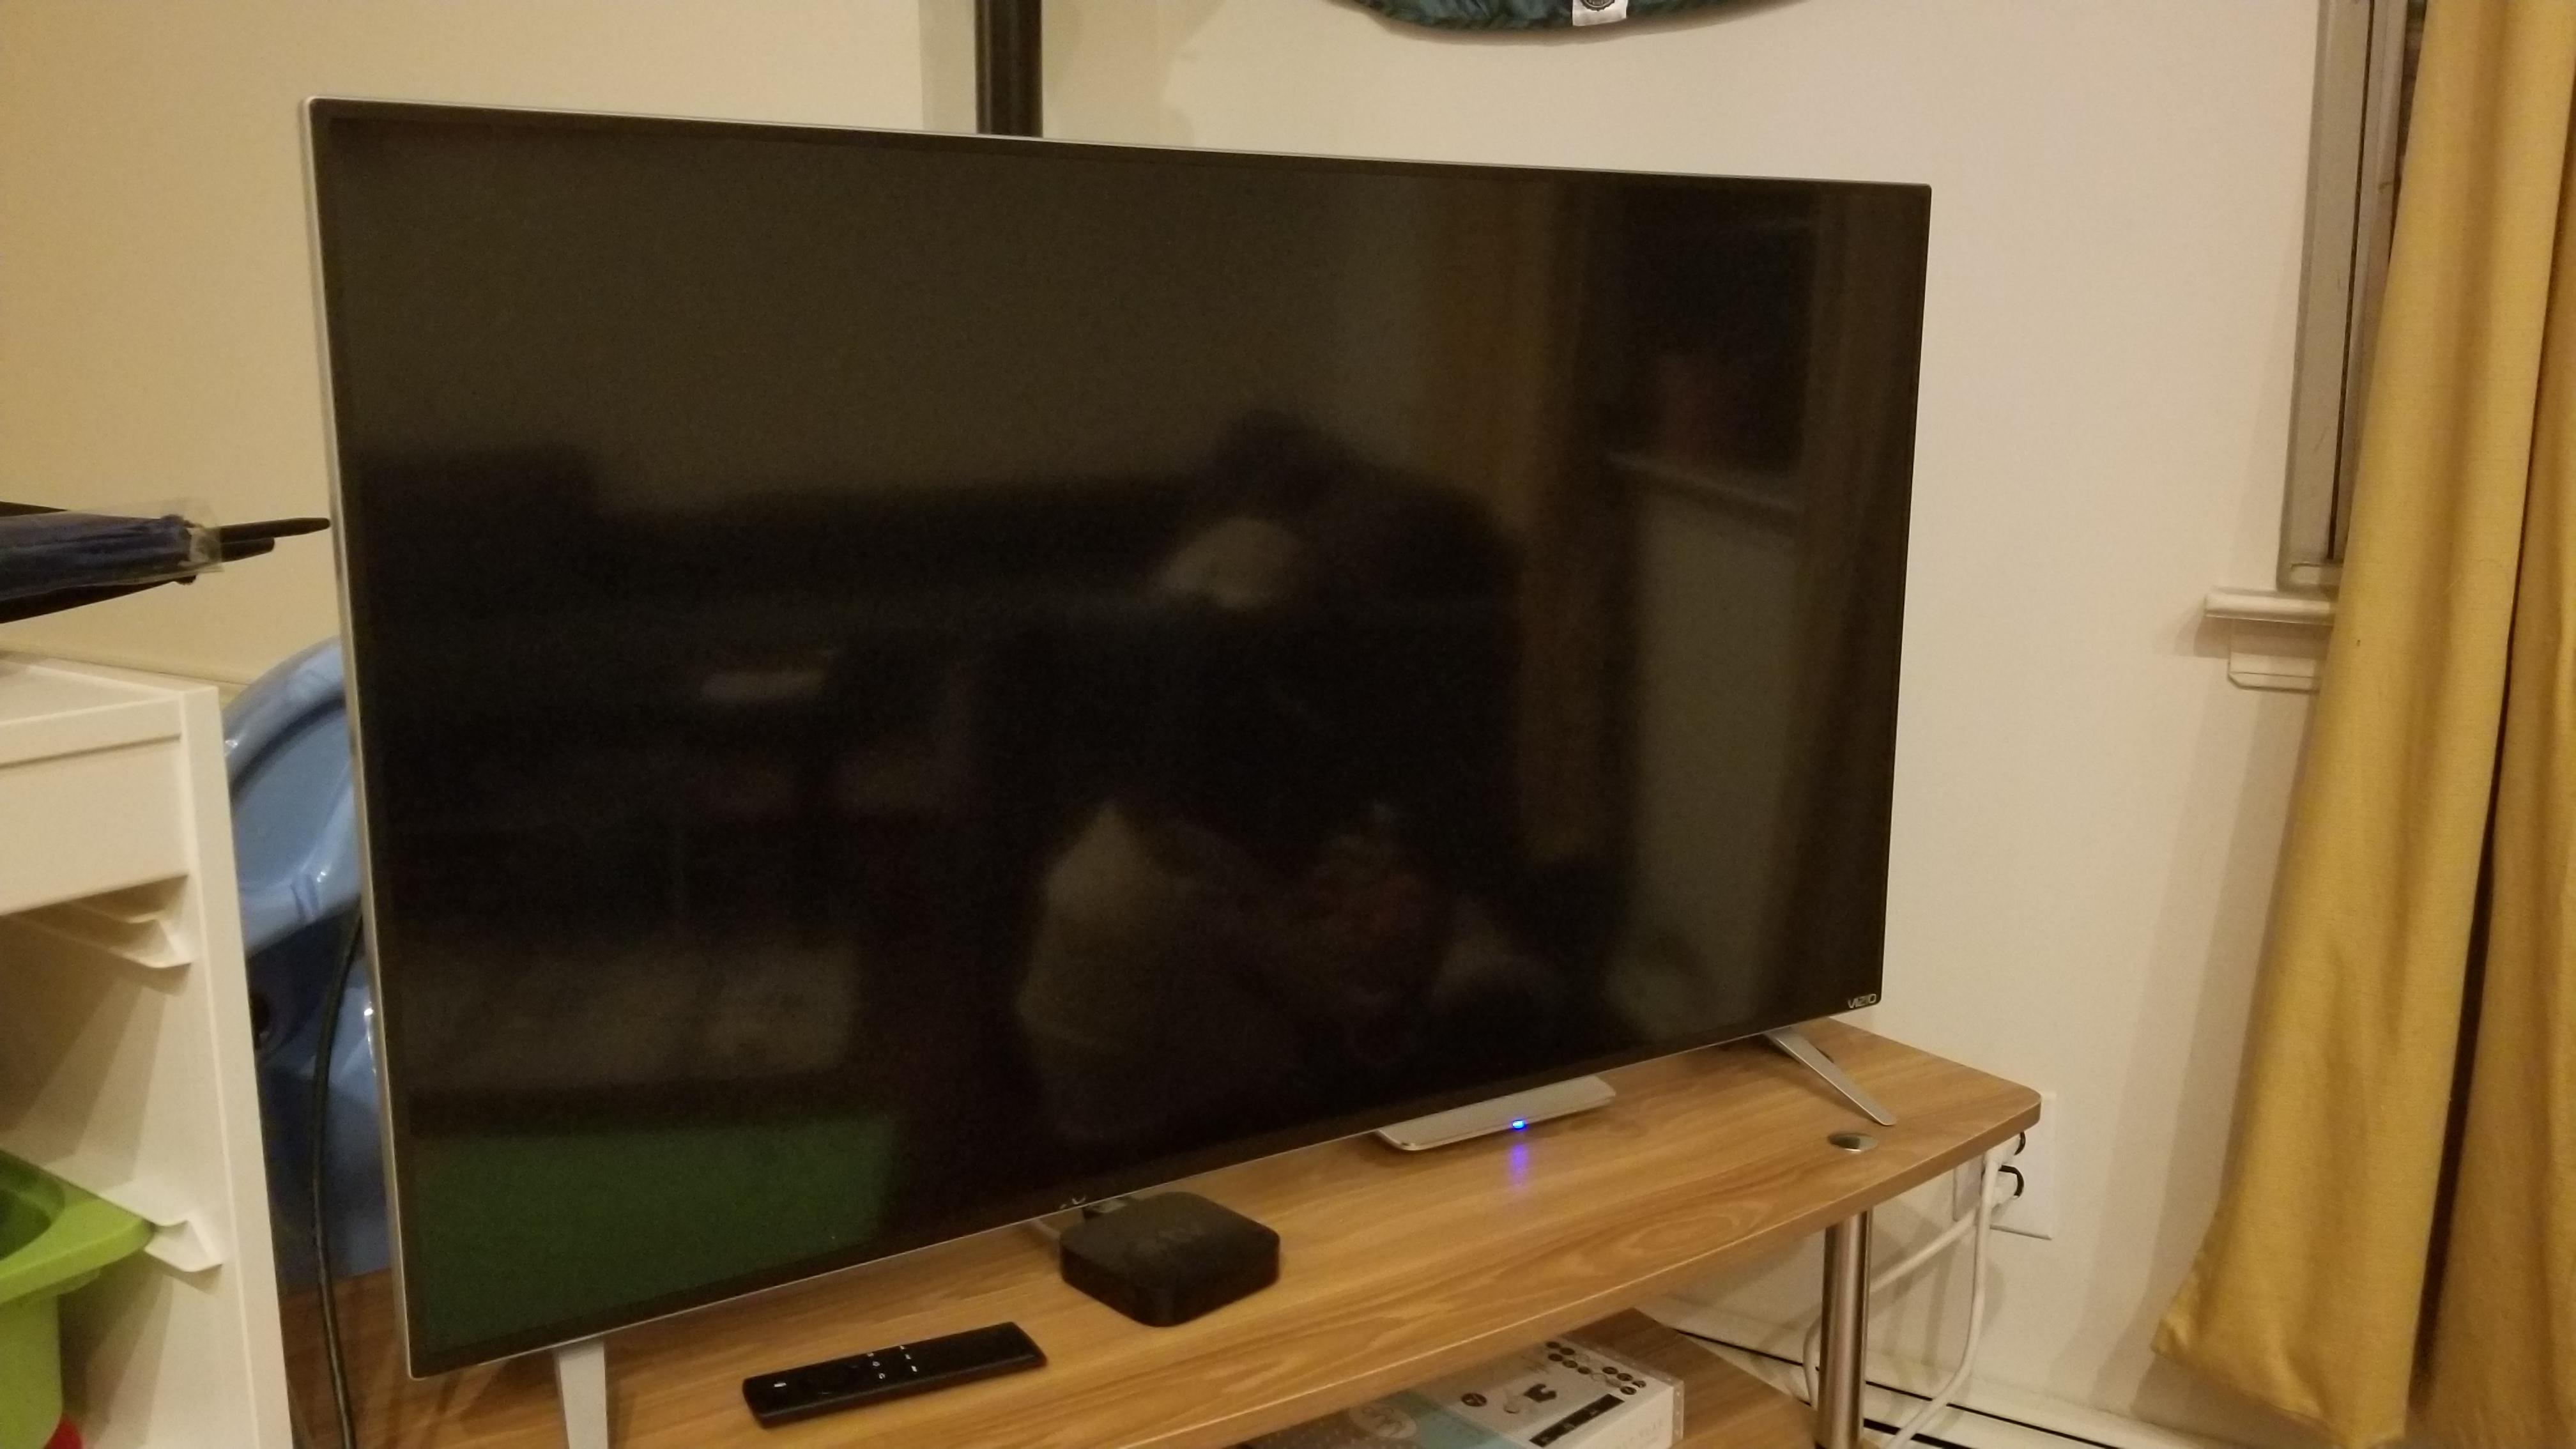 Vizio 4K Smart TV 43